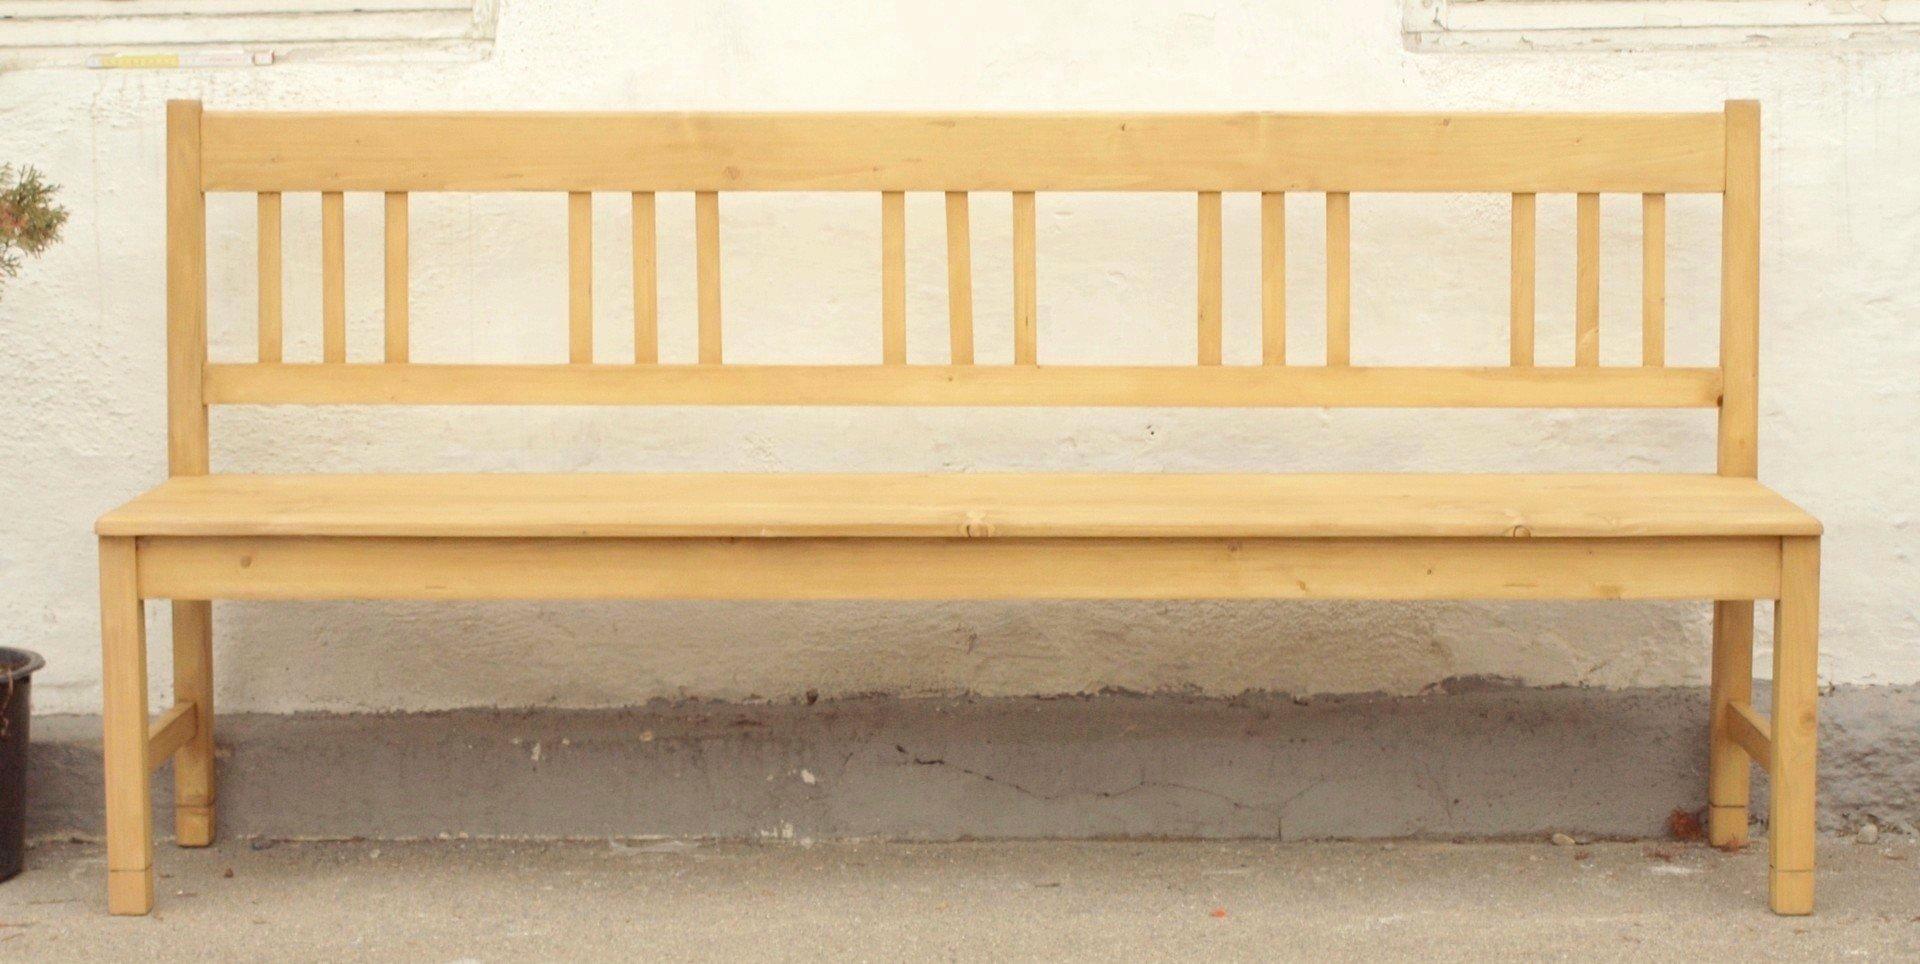 200 cm lange massiv fichtenholz sitzbank alte antike bauernm bel internetverkauf. Black Bedroom Furniture Sets. Home Design Ideas